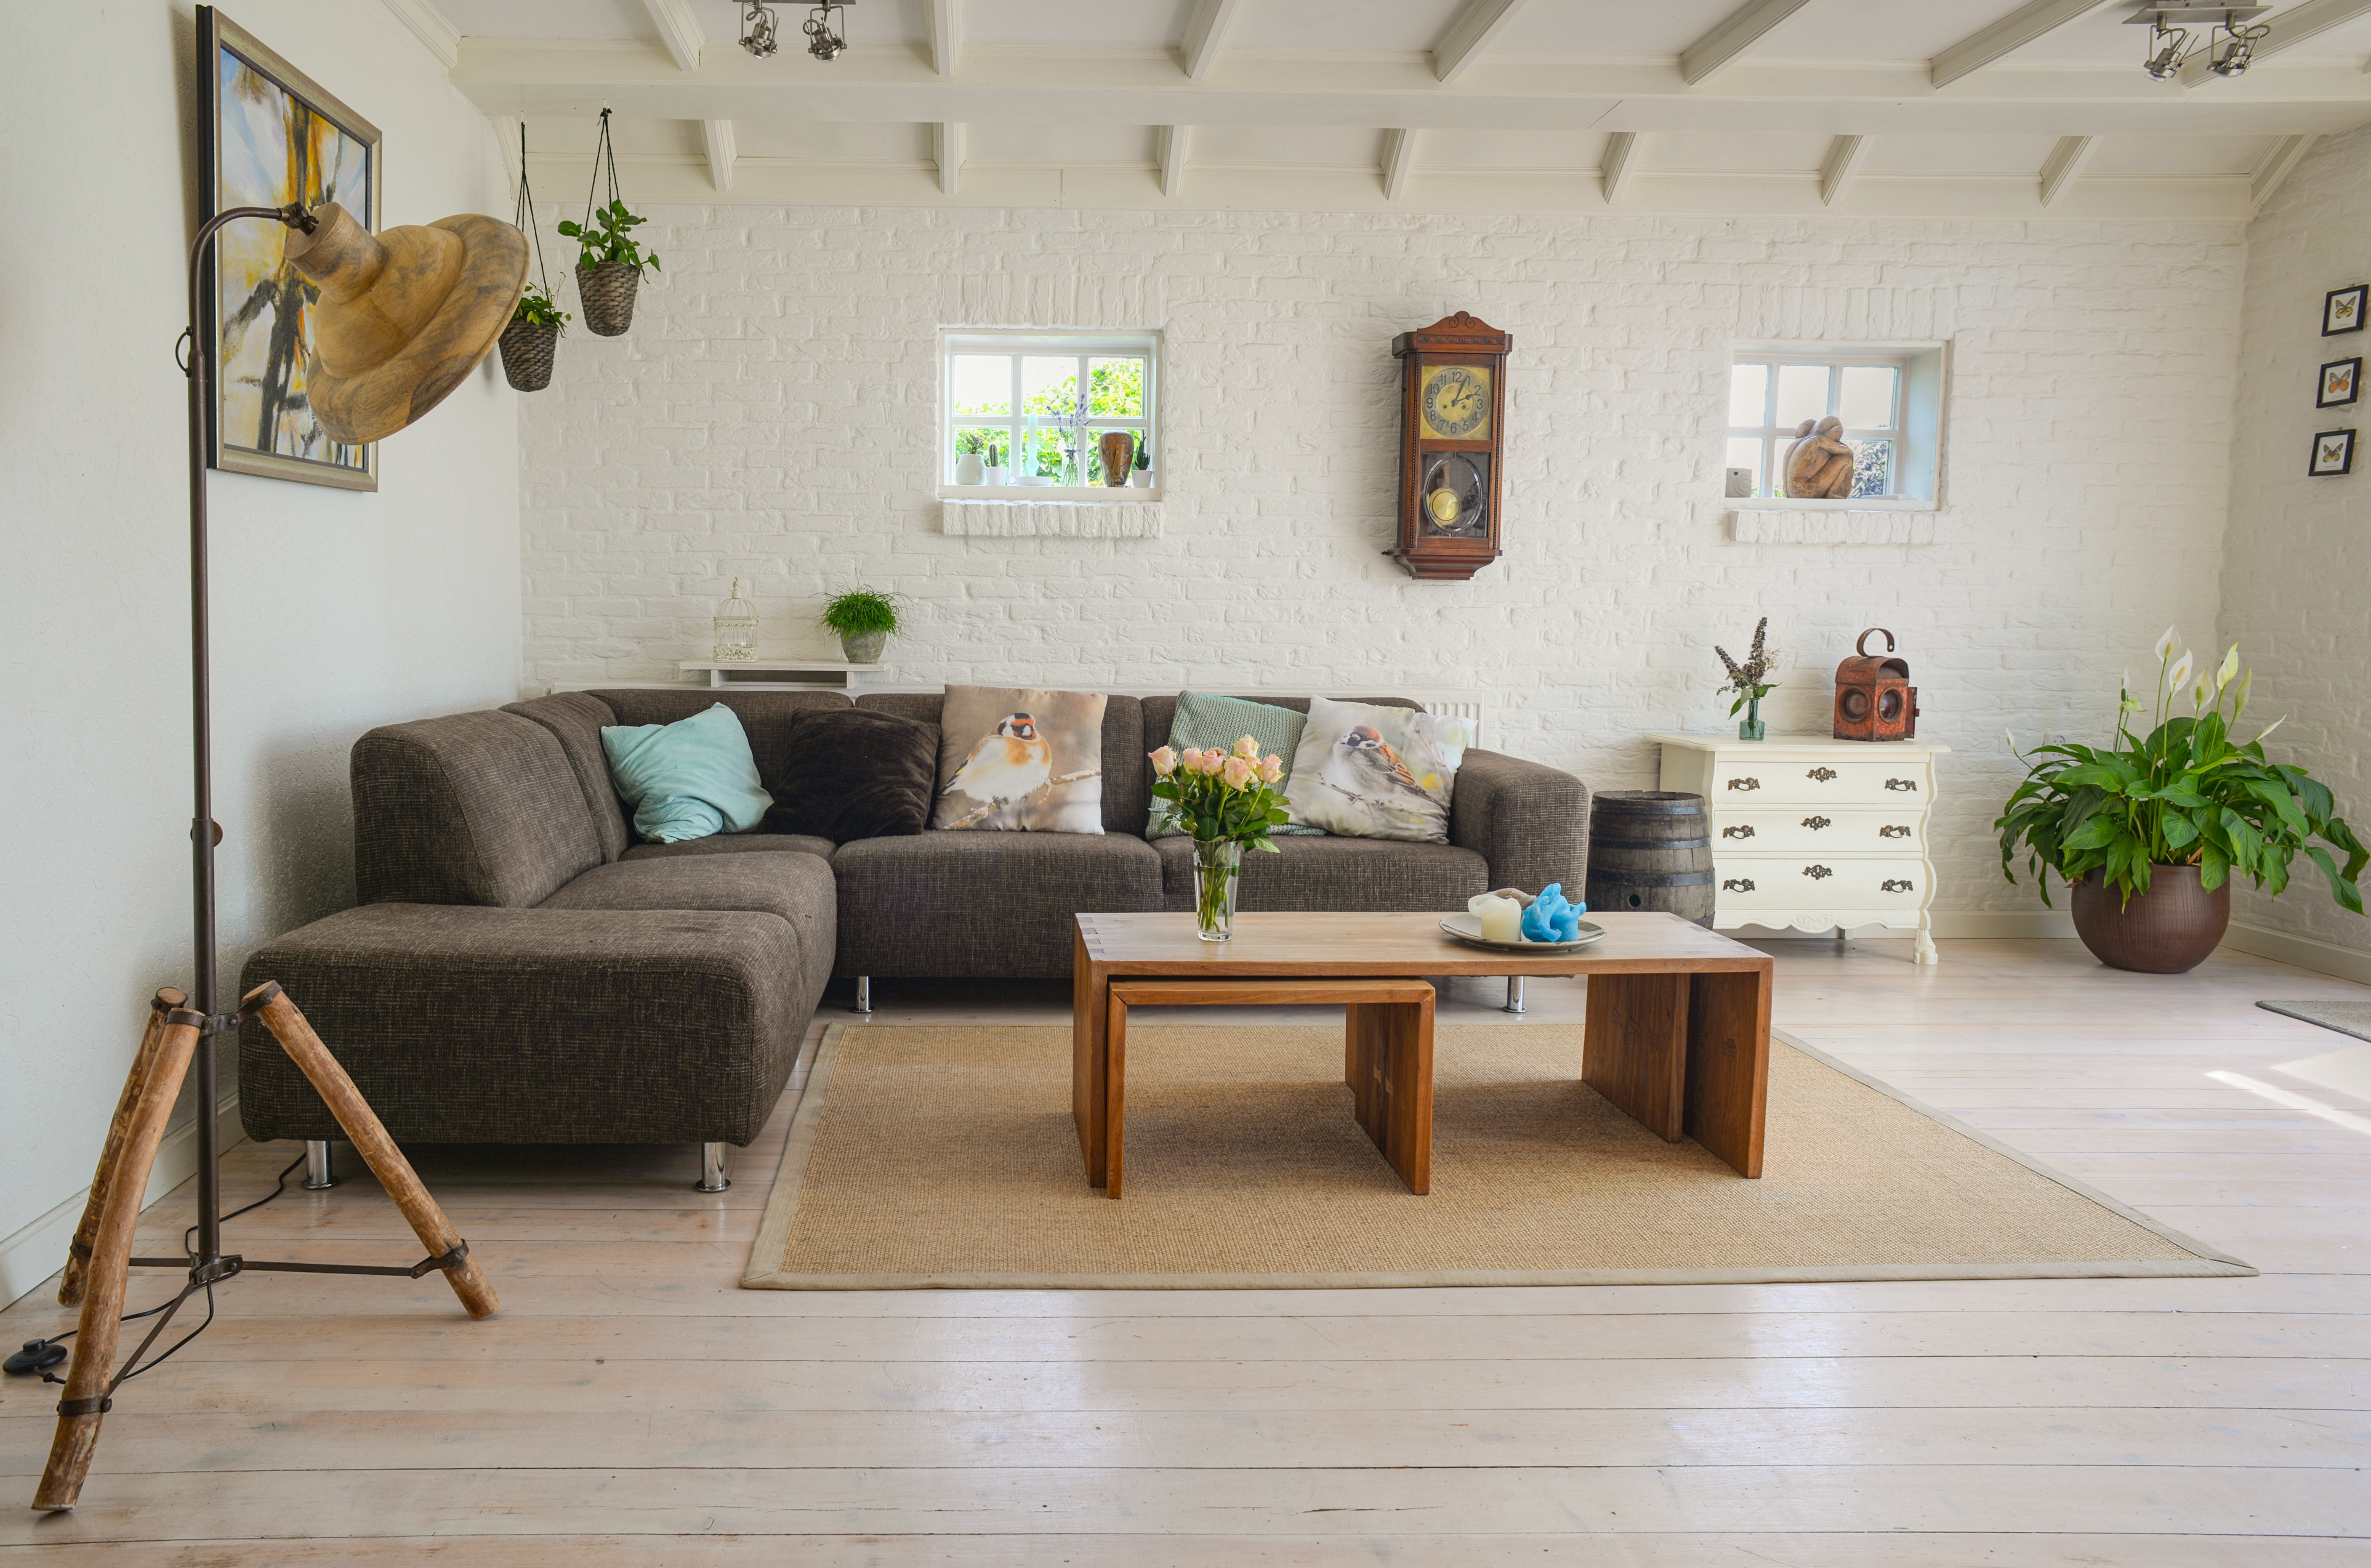 Le régime applicable à la réalisation de travaux sur le sol d'un appartement en copropriété